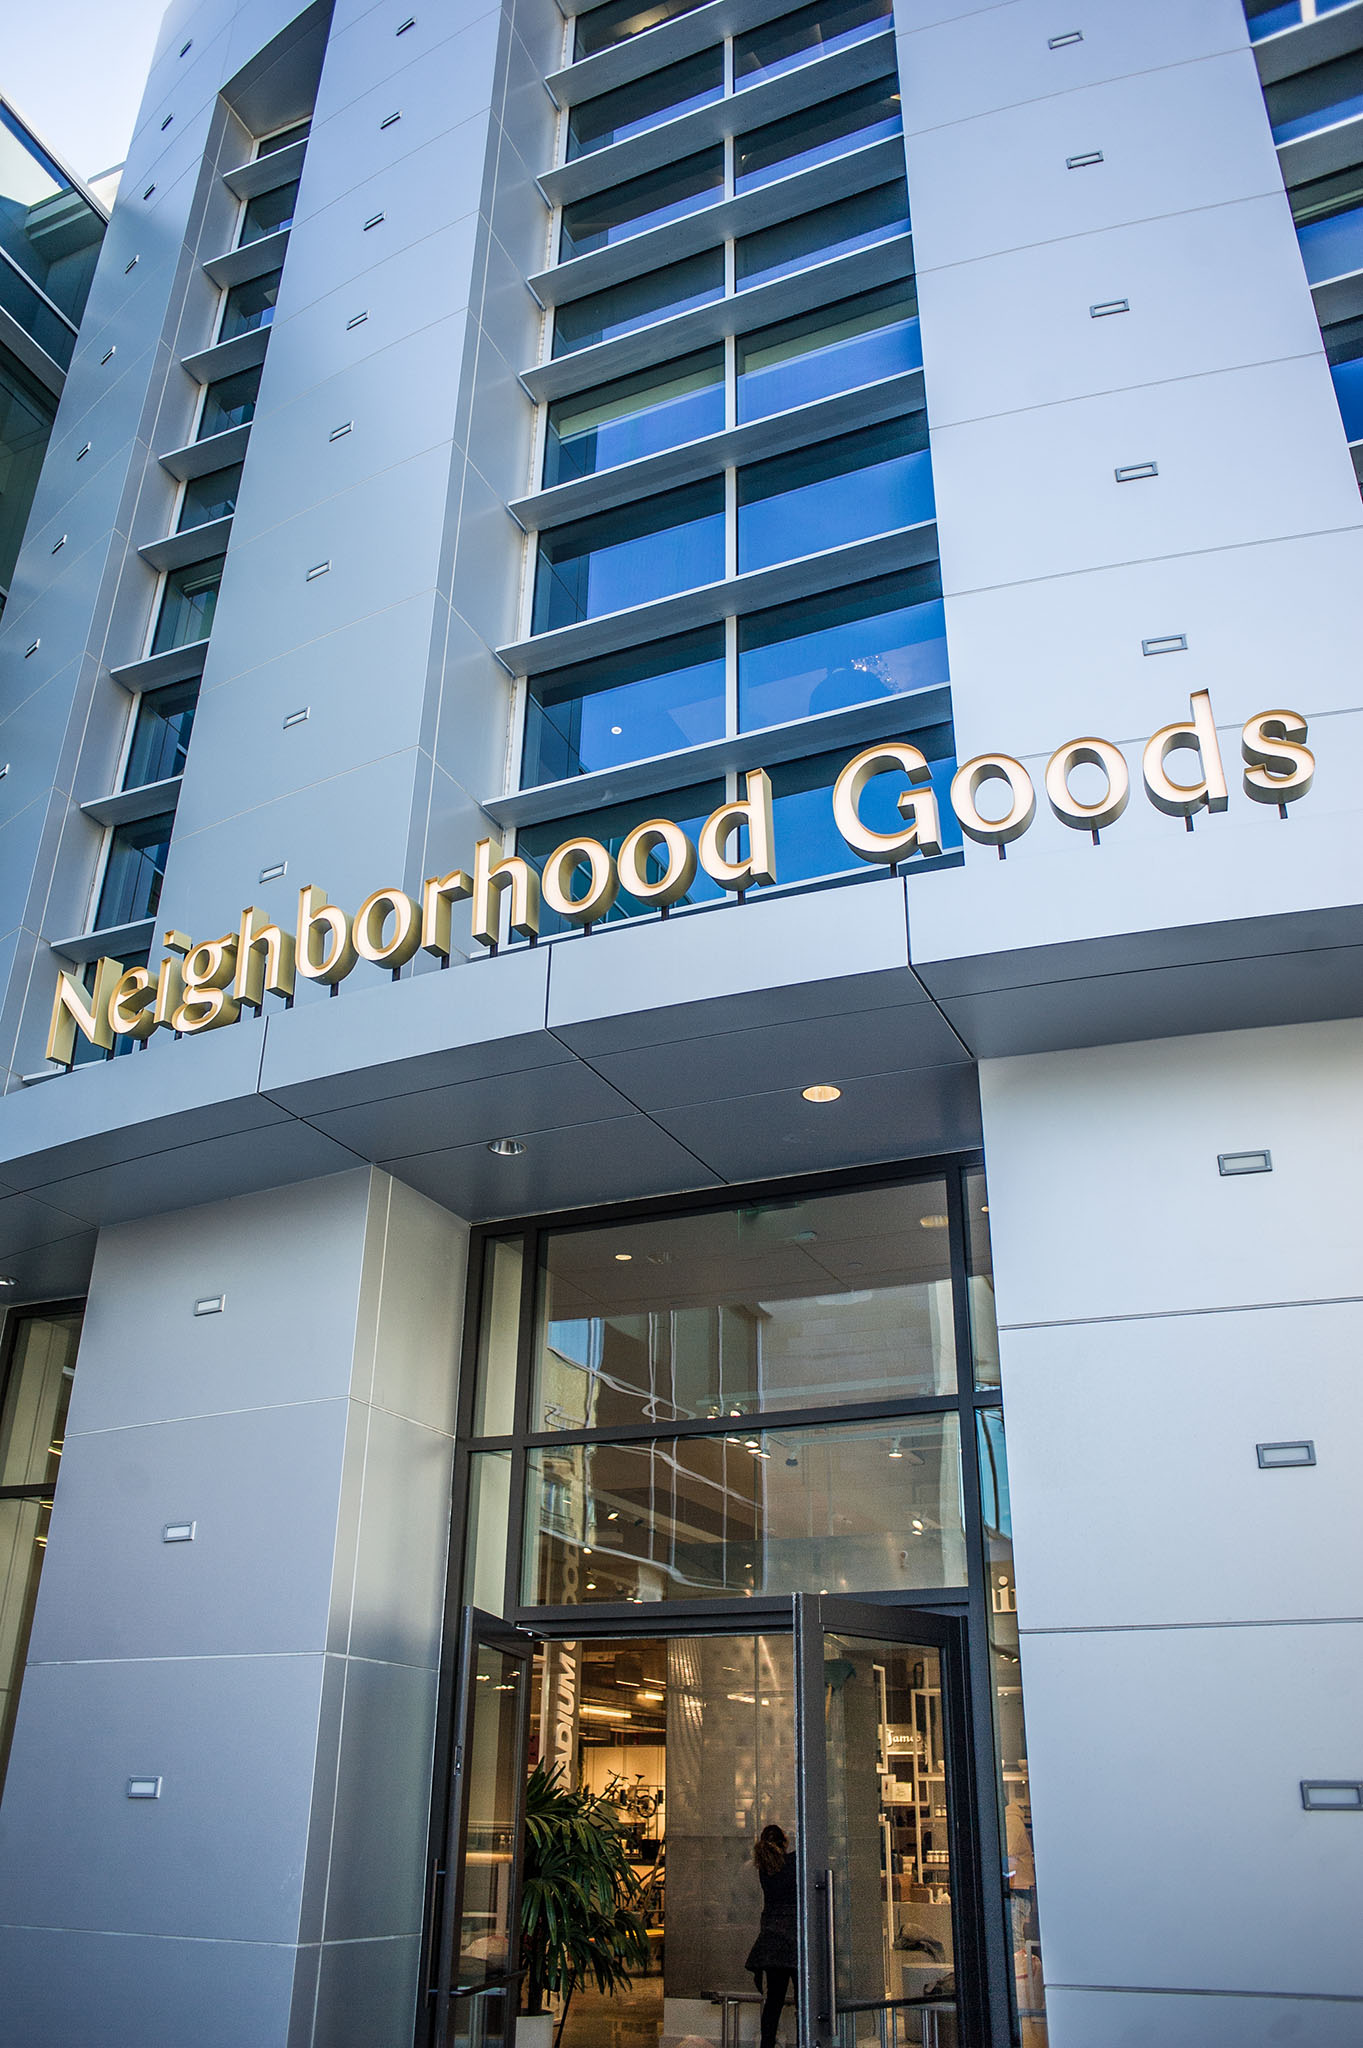 The Neighborhood Goods department store.